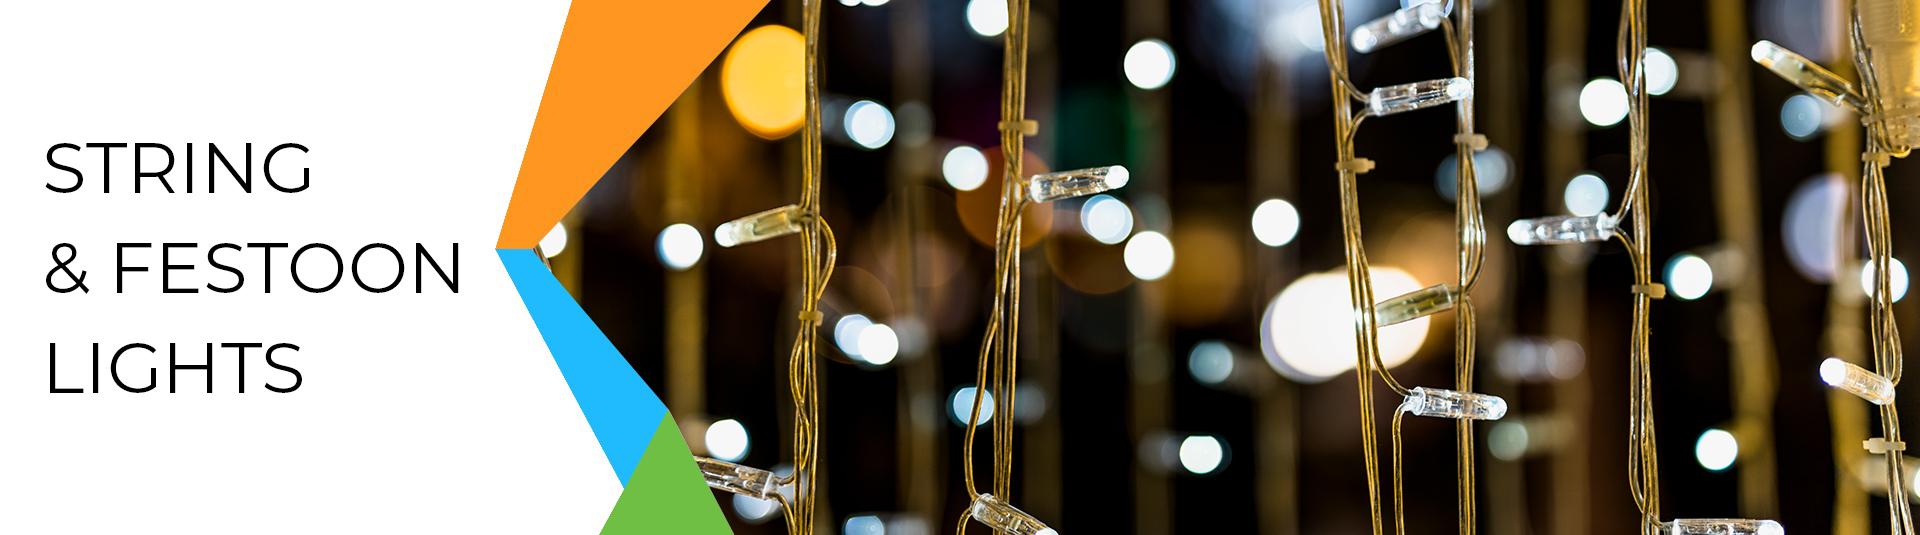 String & Festoon Lights